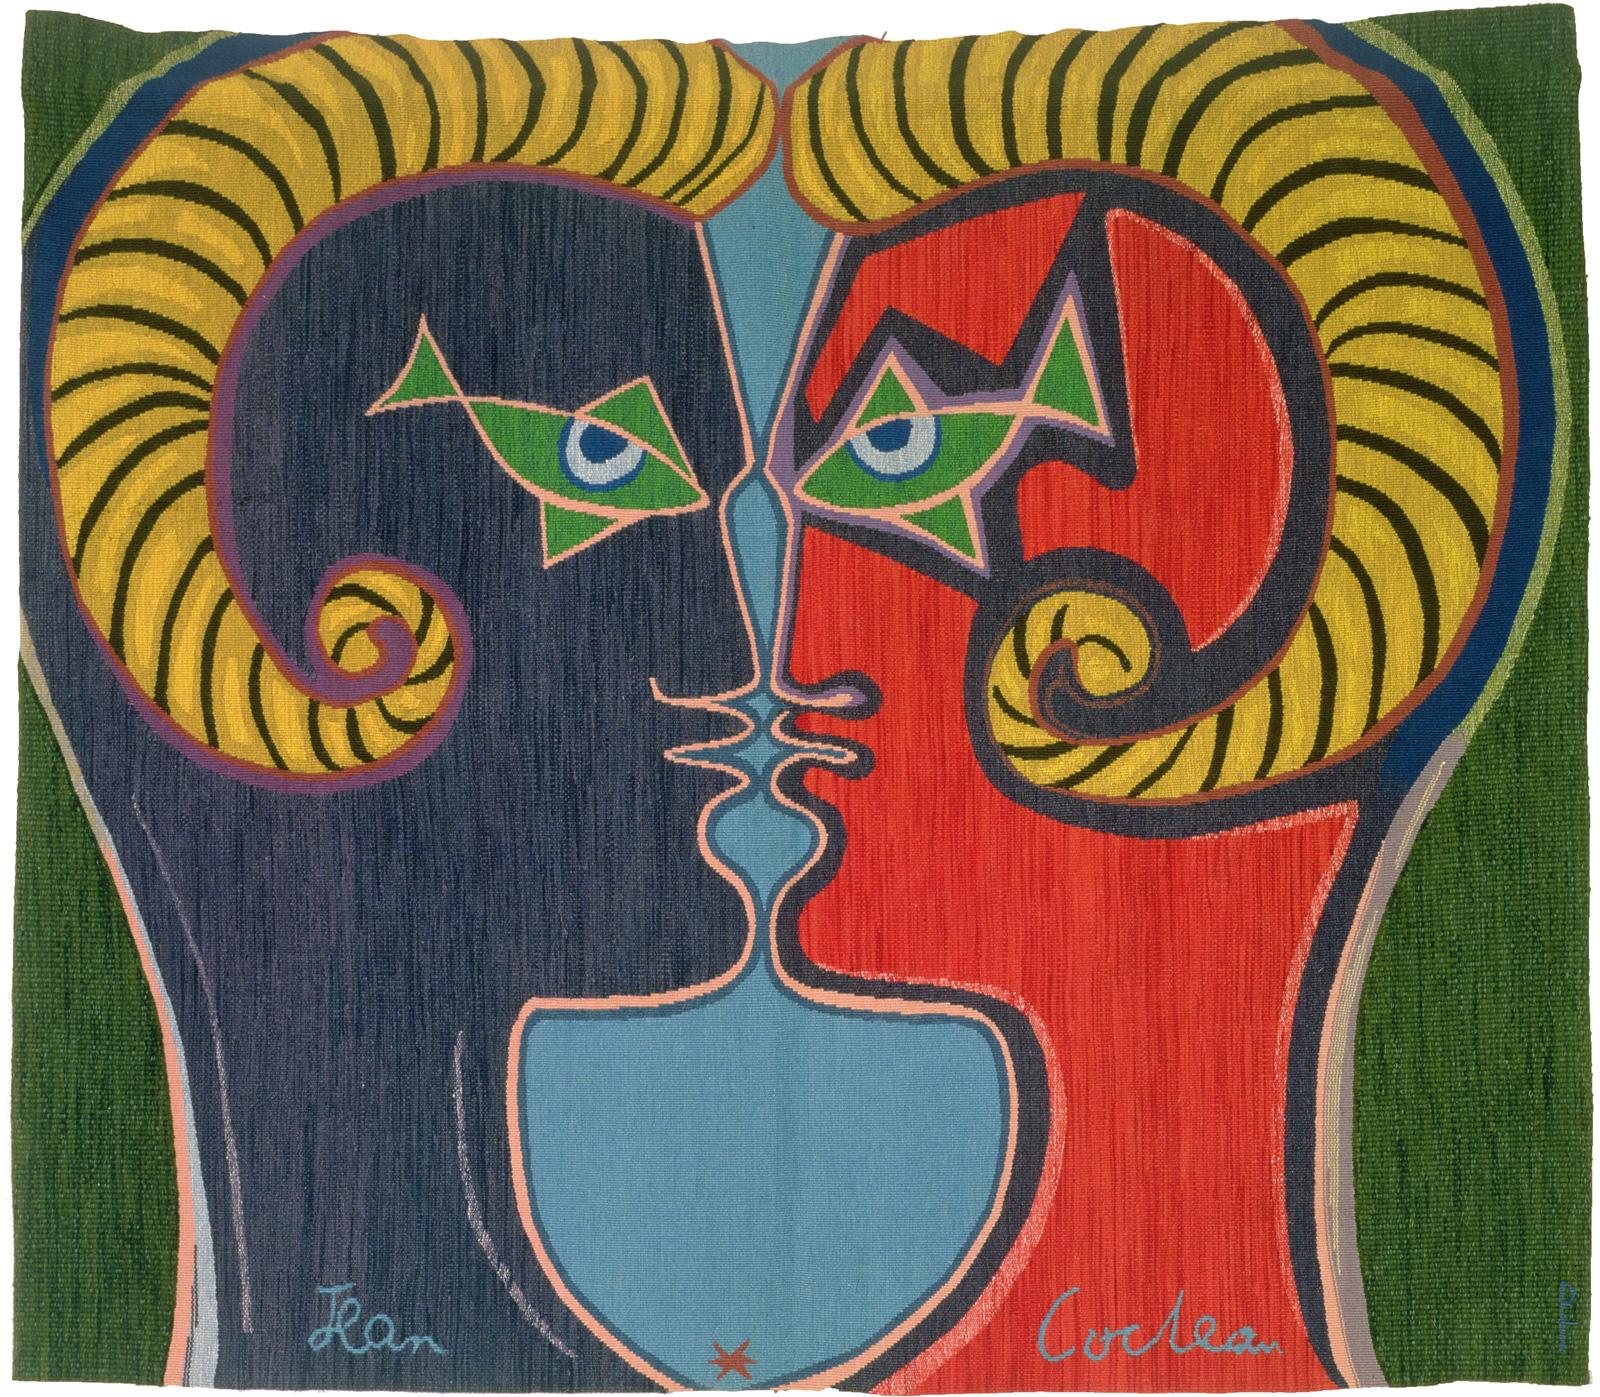 Jean Cocteau: The Ram, 1900-1963